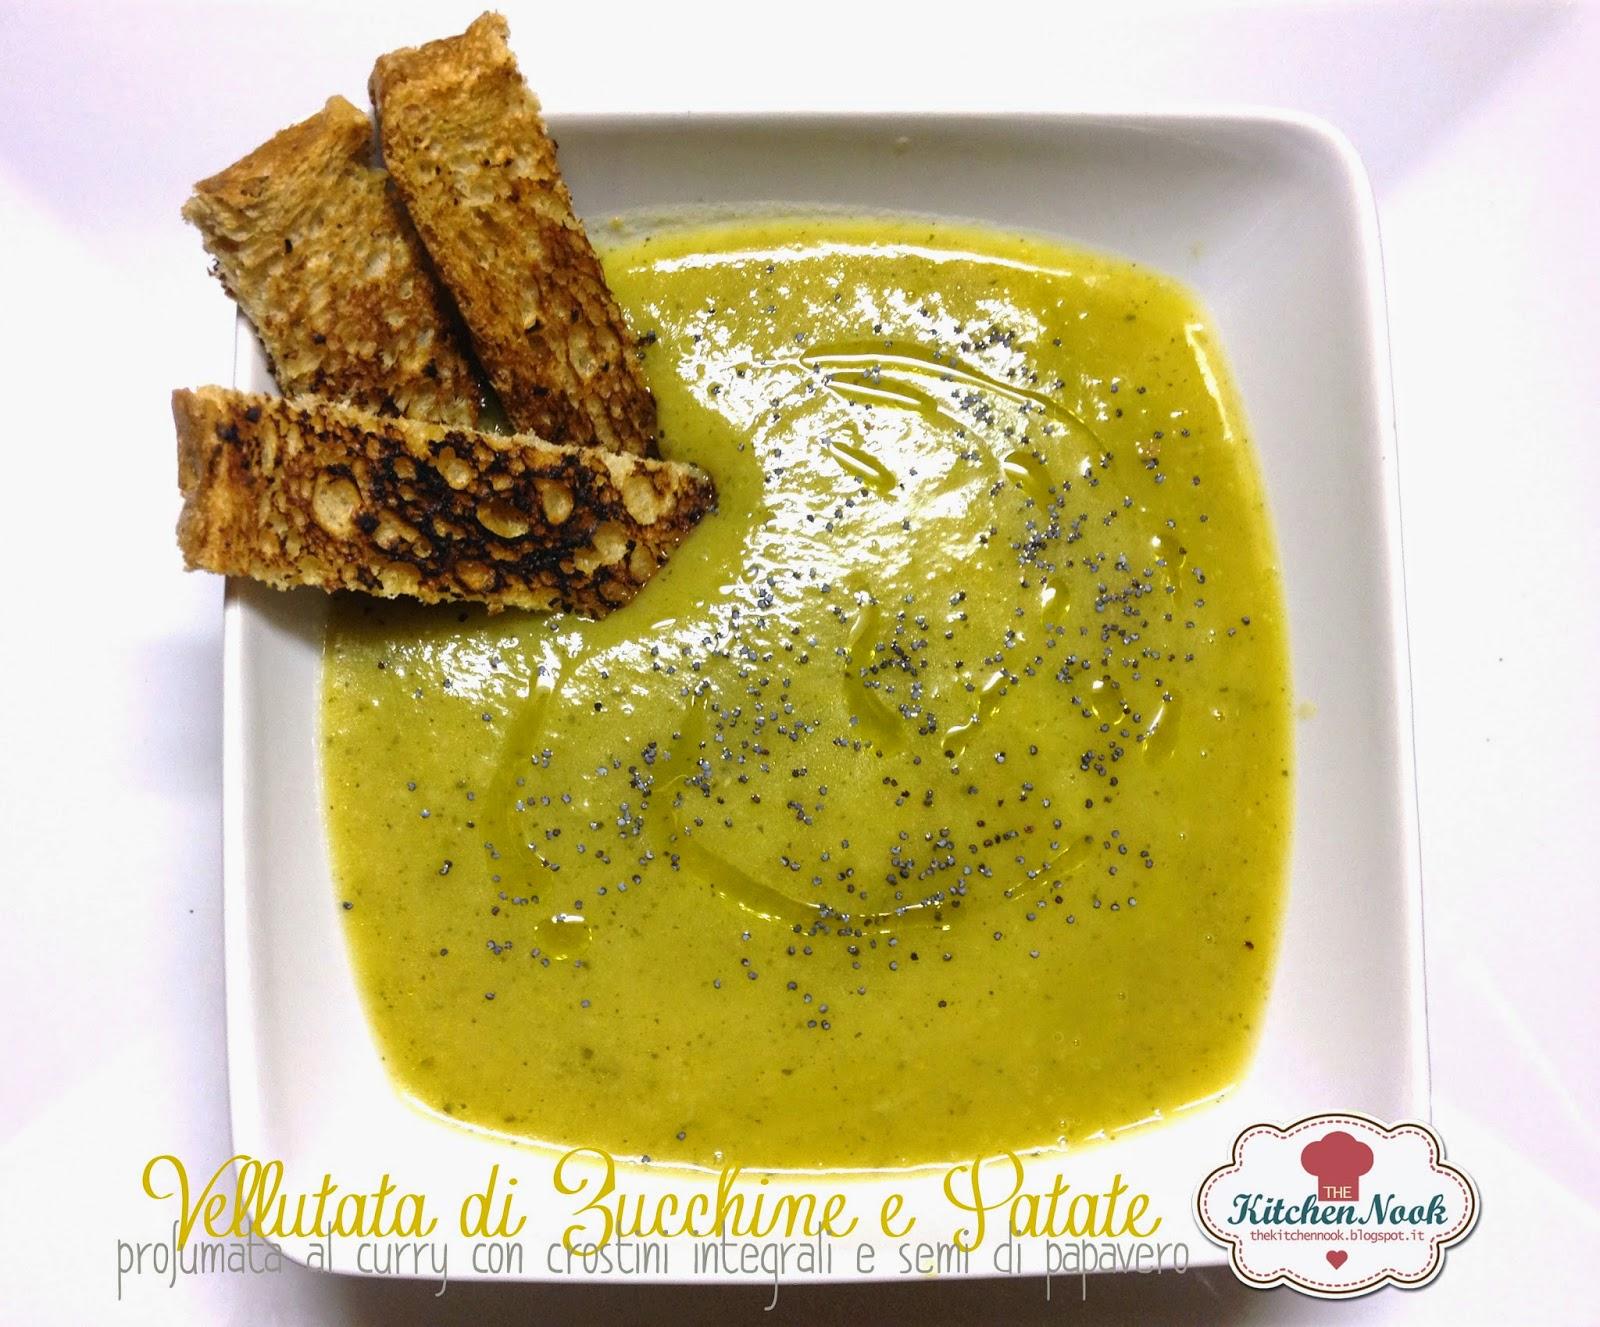 vellutata di patate, porro e zucchine e semi di papavero, profumata al curry.